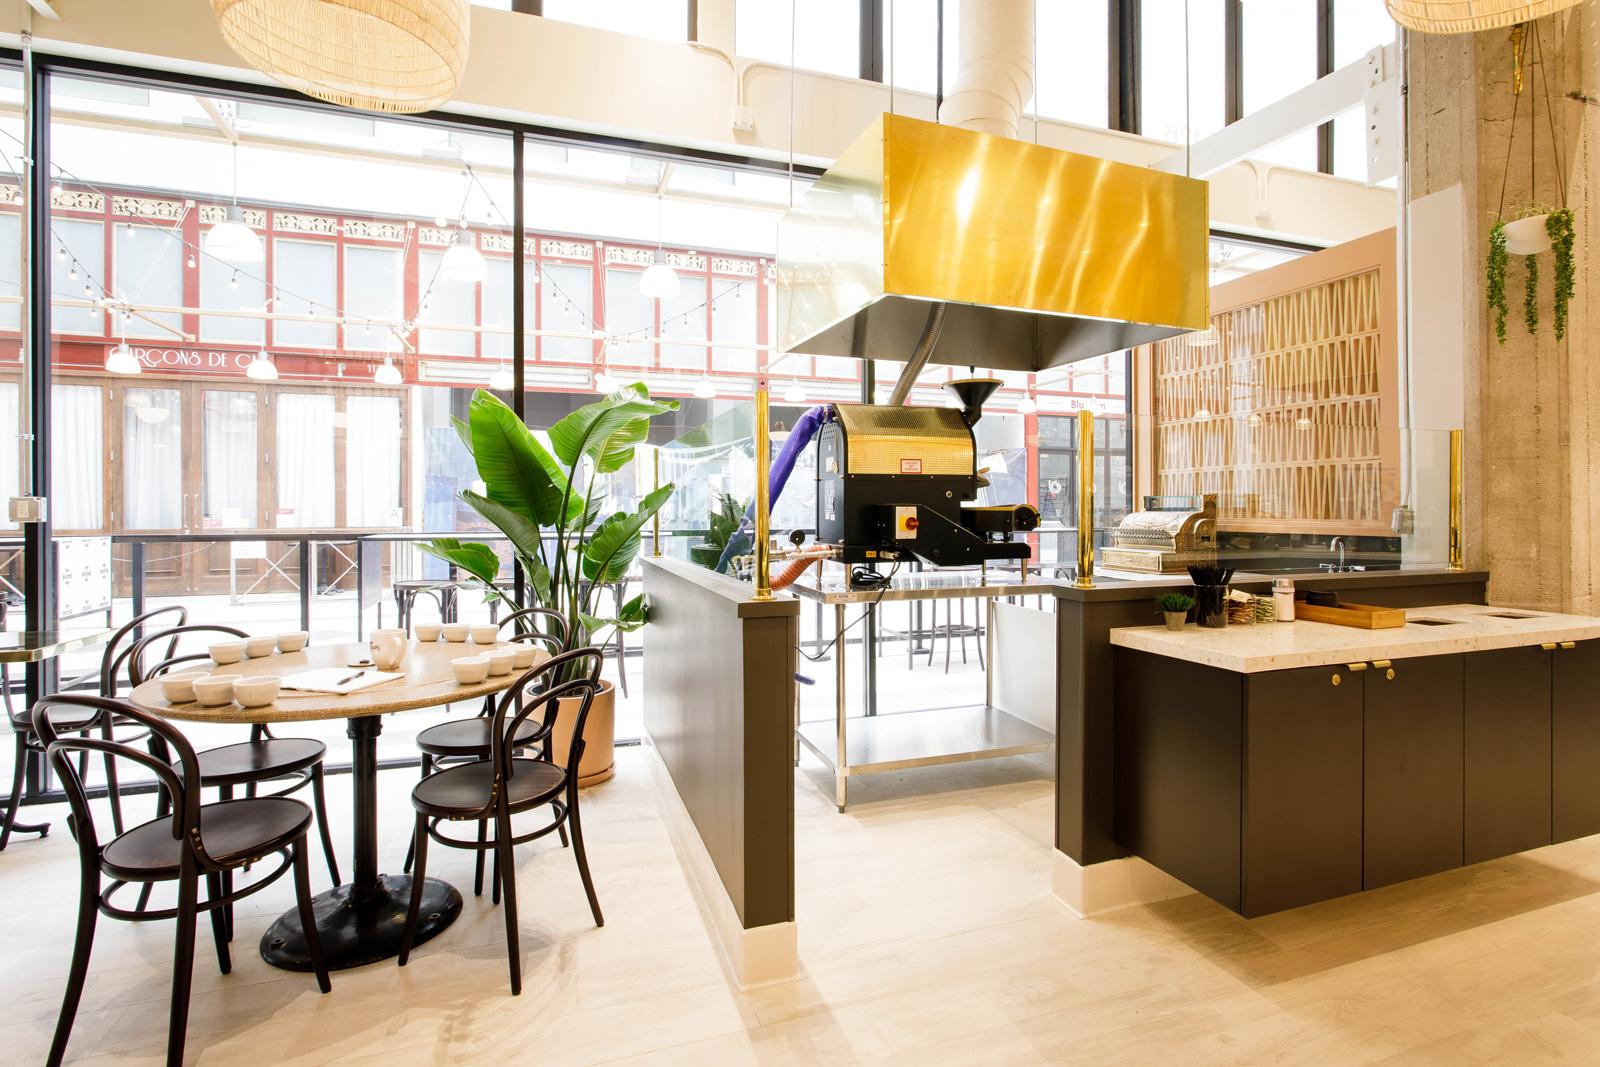 """Don Francisco's casa cubana downtown los angeles """"width ="""" 1600 """"height ="""" 1067 """"/></p></noscript><p> Les clients seront invités à assister à des ateliers de décoration et d'autres événements informatifs dans la salle de torréfaction Casa Cubana. """"Nous espérons que plus de cafés suivront. Pour l'instant, notre objectif est de faire réussir le Café Don Francisco, Casa Cubana en DTLA"""", a déclaré Gaviña-Valls.</p><p> <img data-attachment-id="""